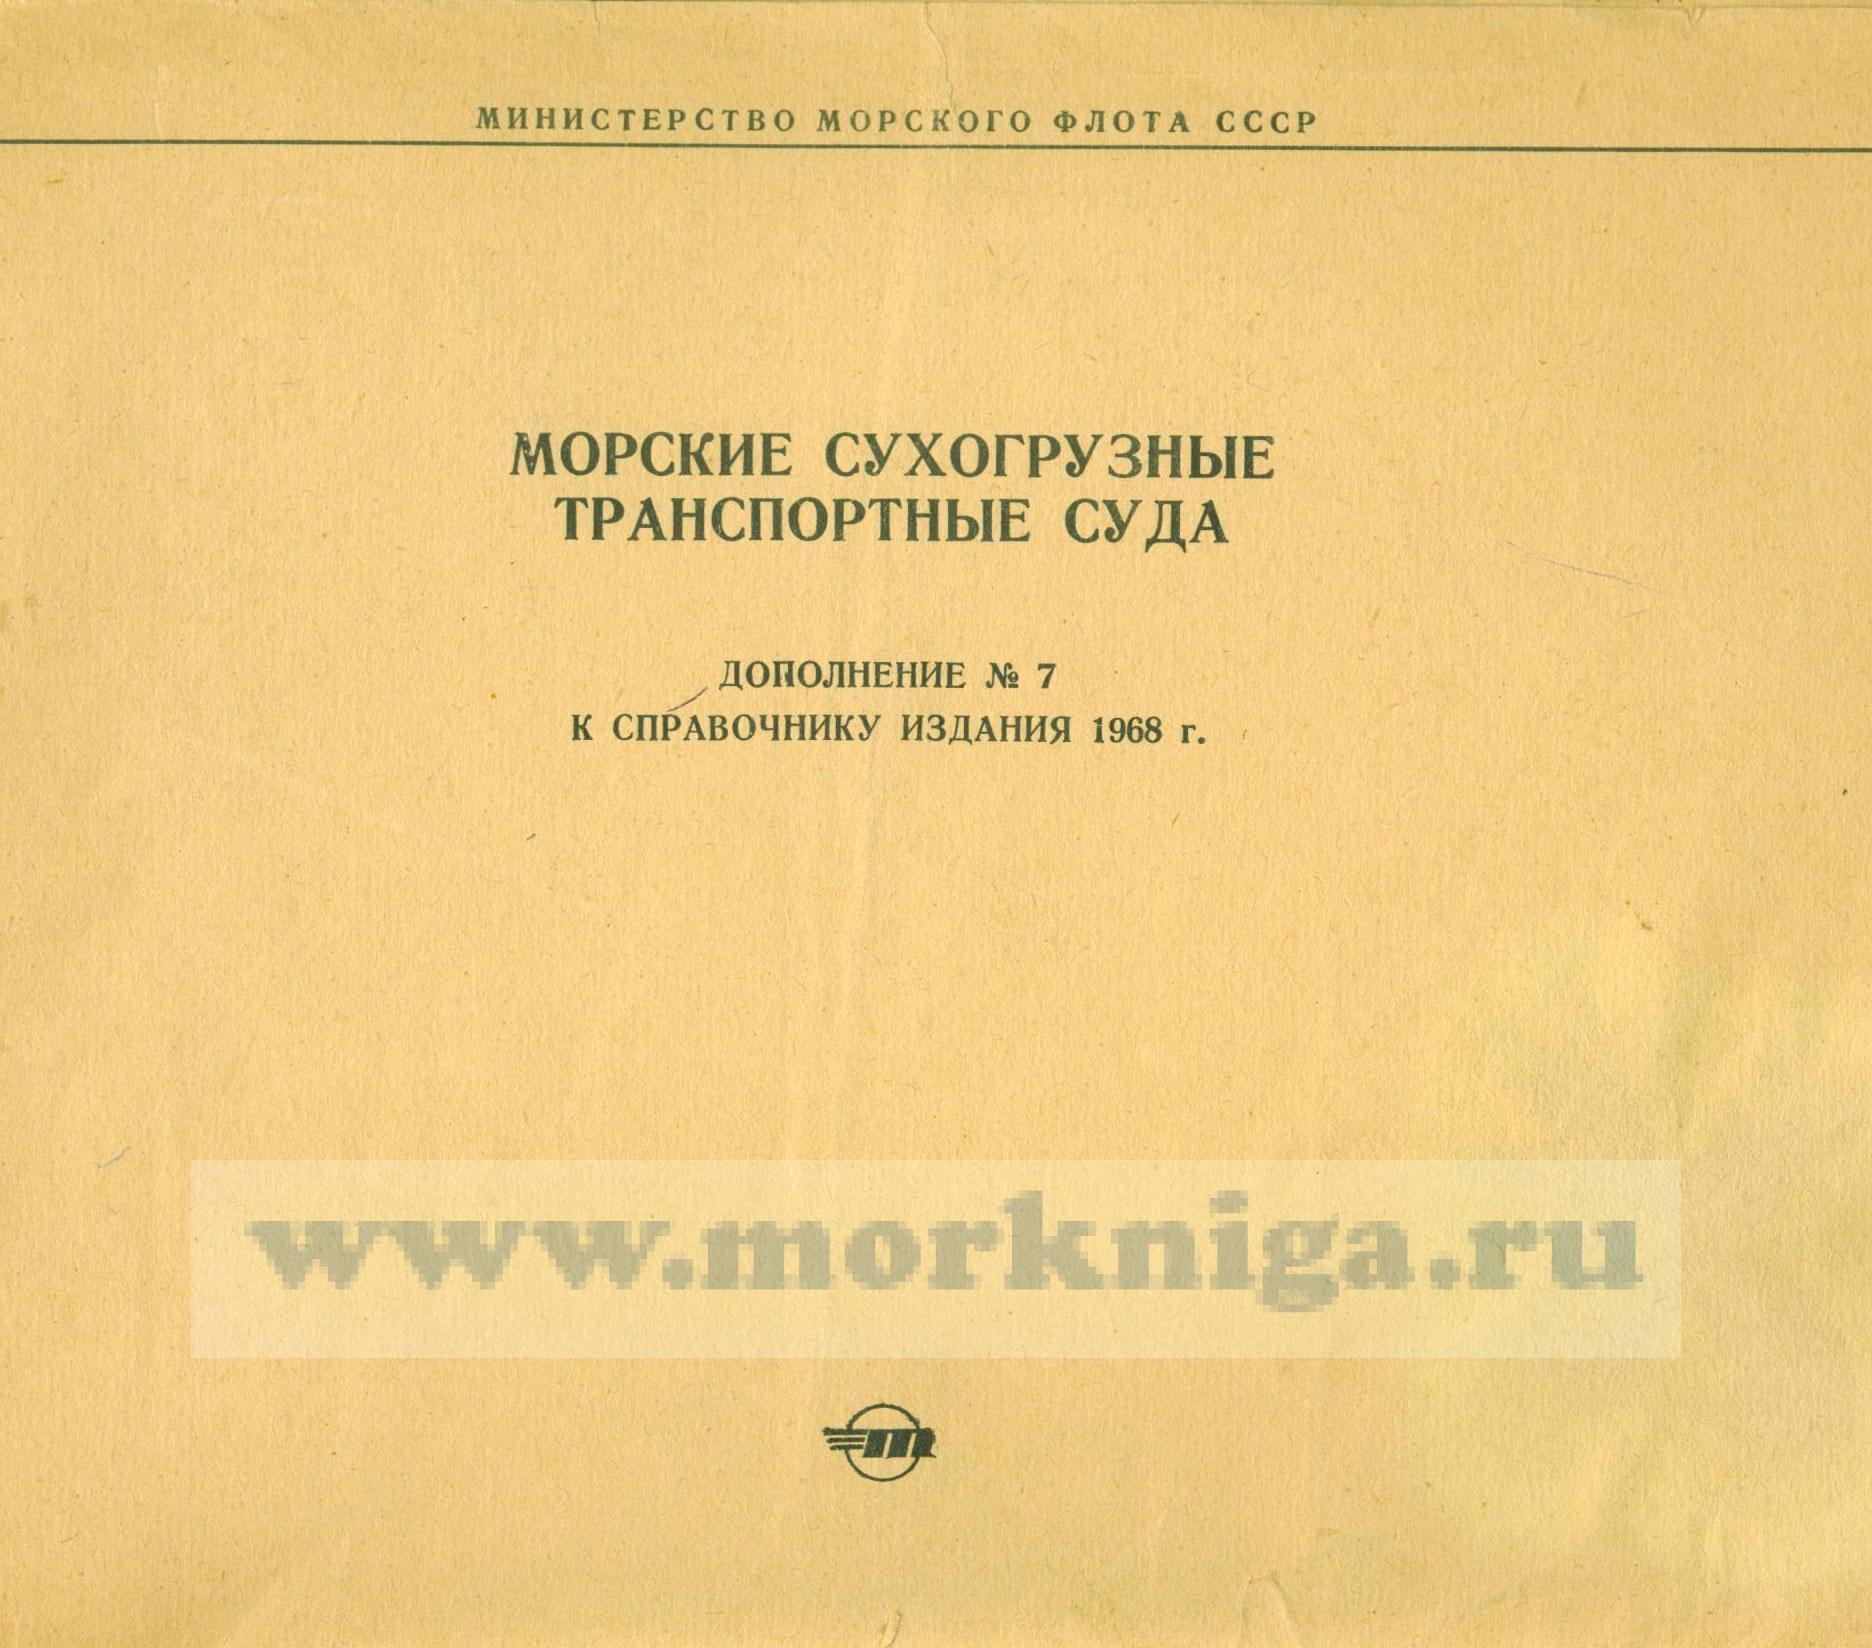 Морские сухогрузные транспортные суда. Дополнение №7 к справочнику издания 1968 г.